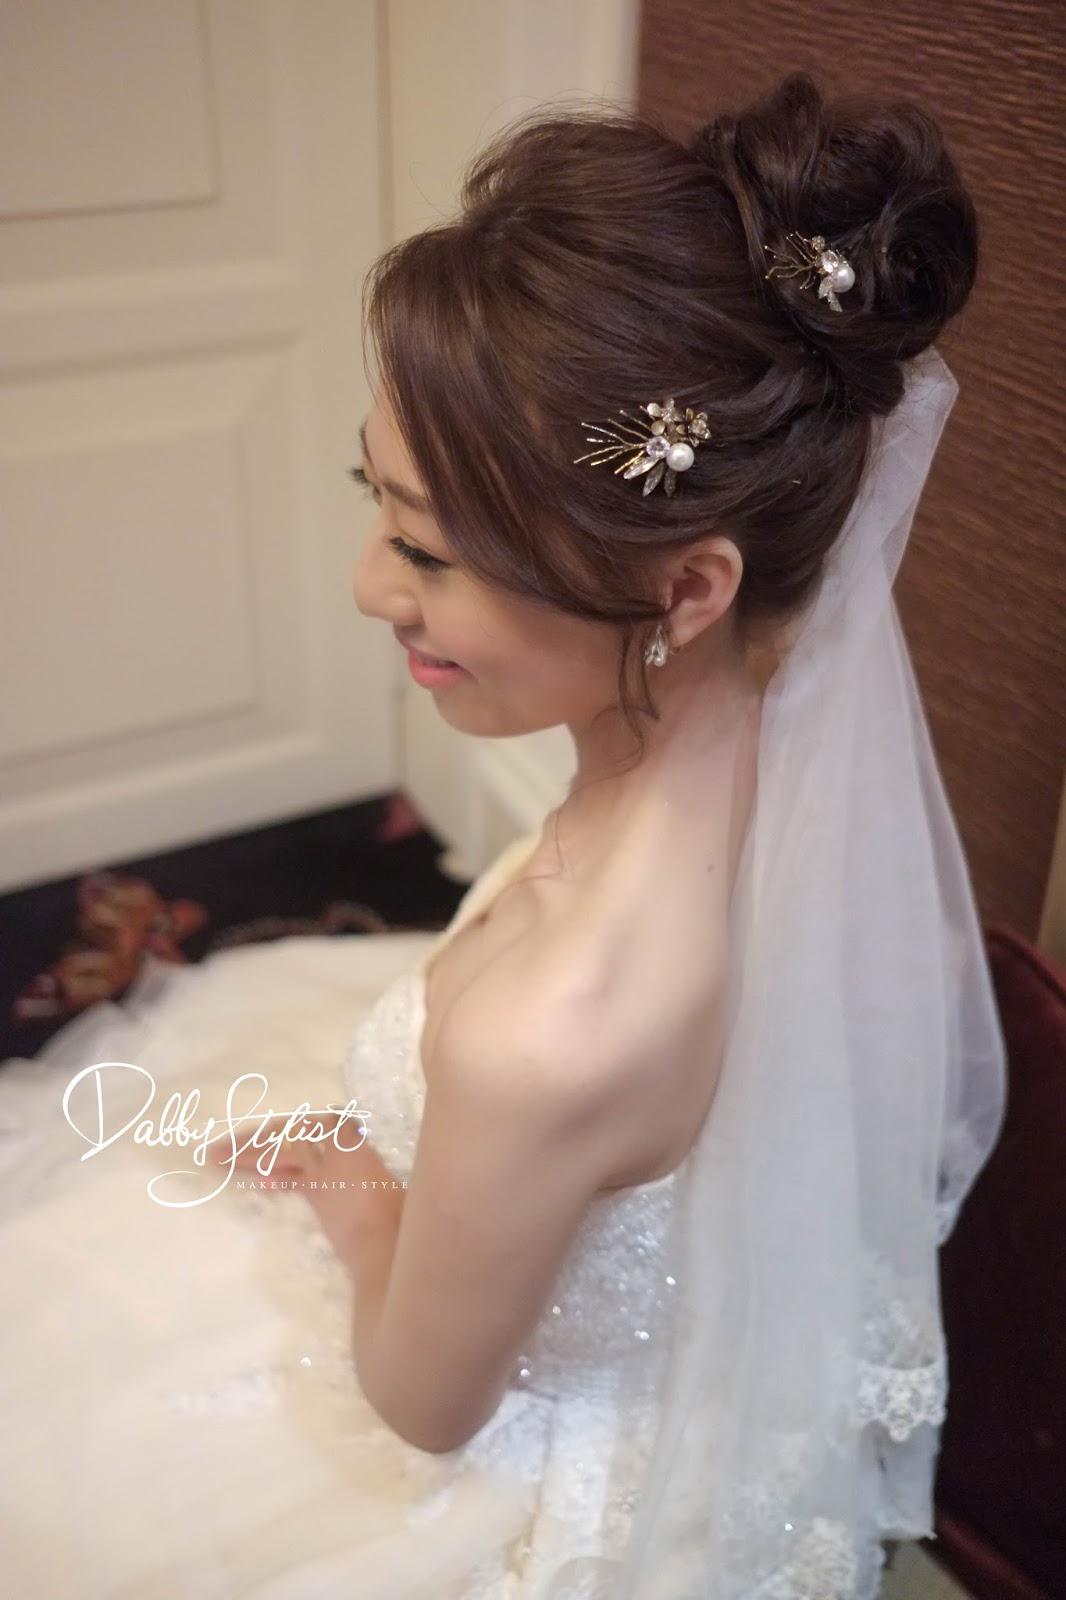 台中新秘, 林皇宮, 婚禮現場, 婚禮造型, 新娘秘書, 新娘髮型, 新秘阿桂Dabby, 新秘推薦,